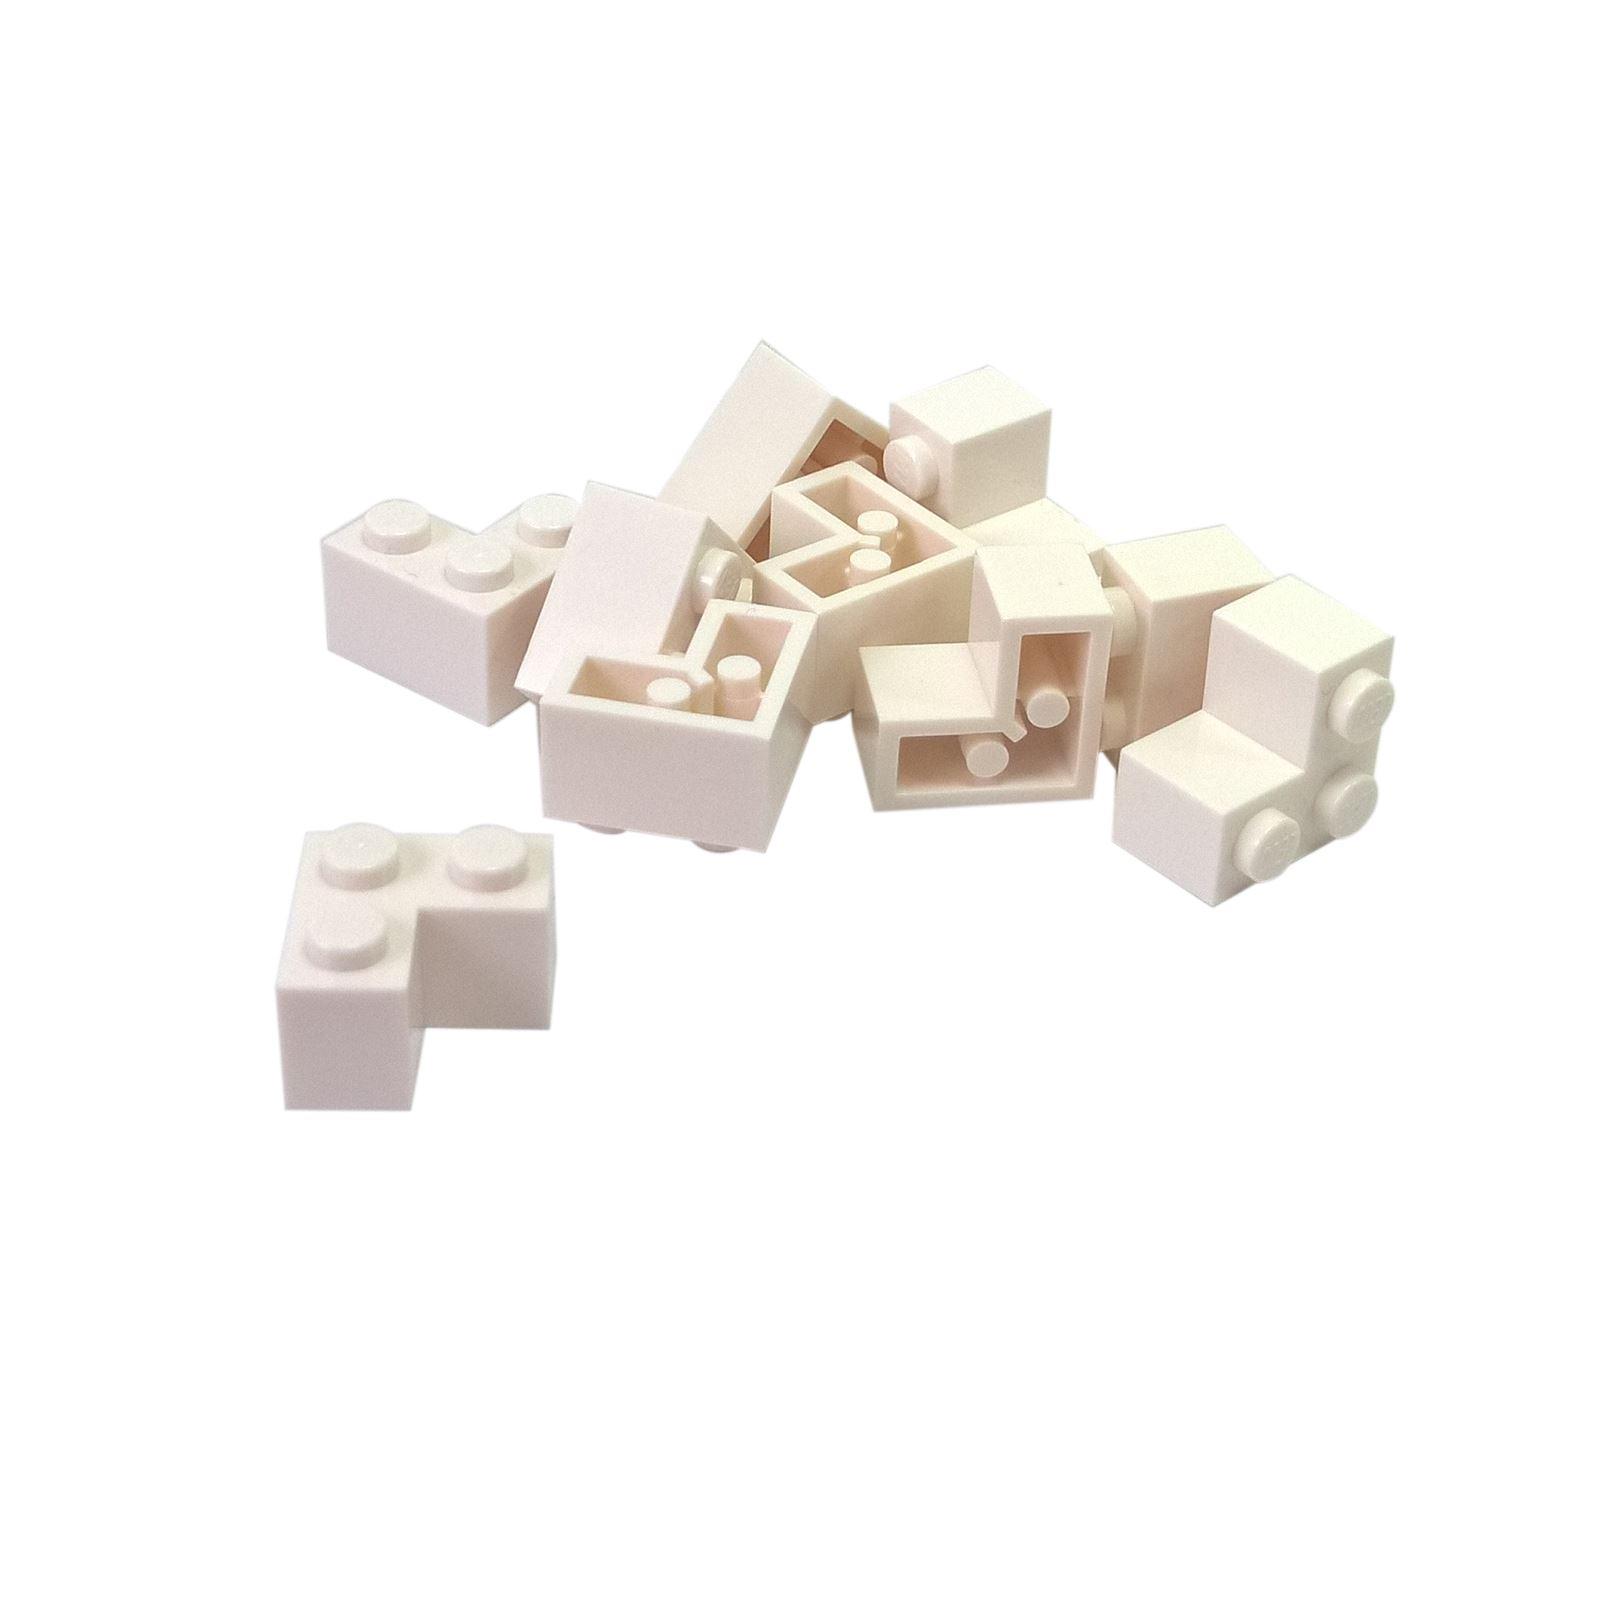 10 NEW LEGO Brick 2 x 2 Corner White